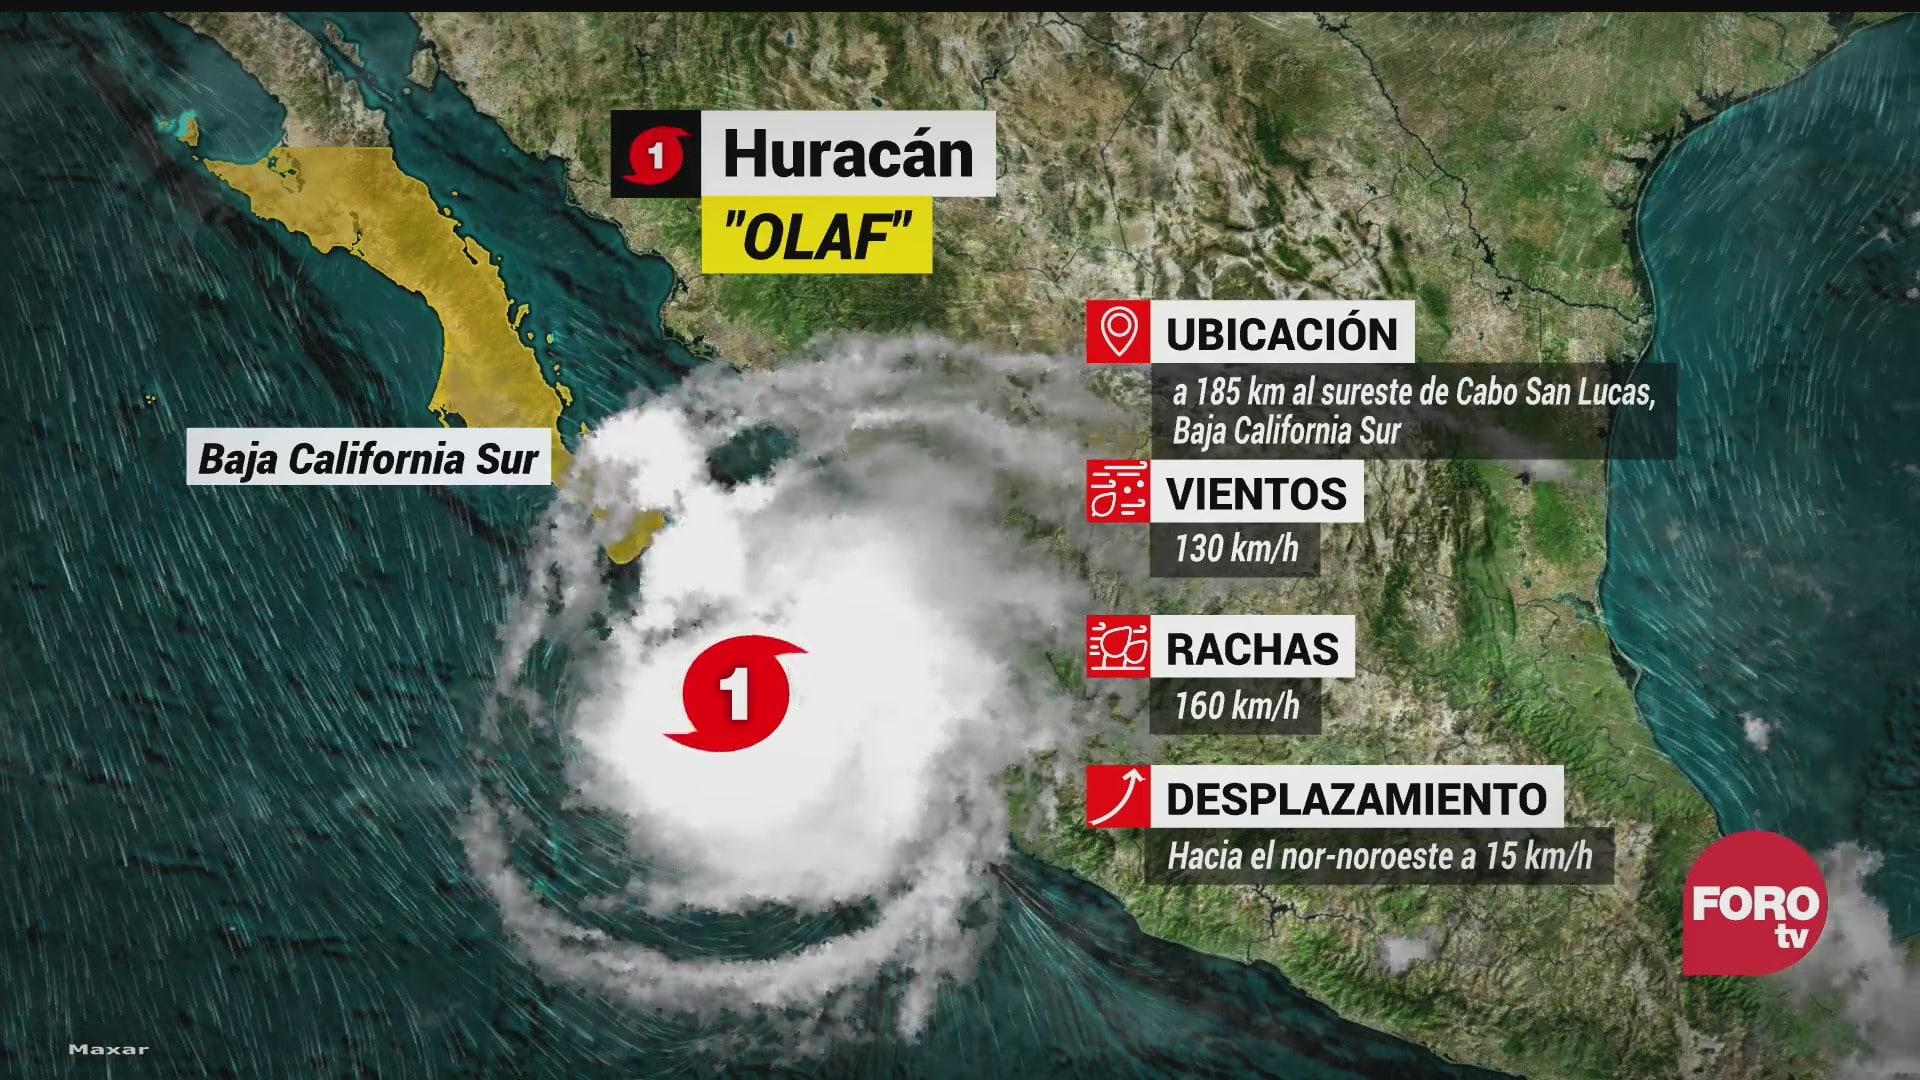 baja california sur registra primeros efectos por huracan olaf